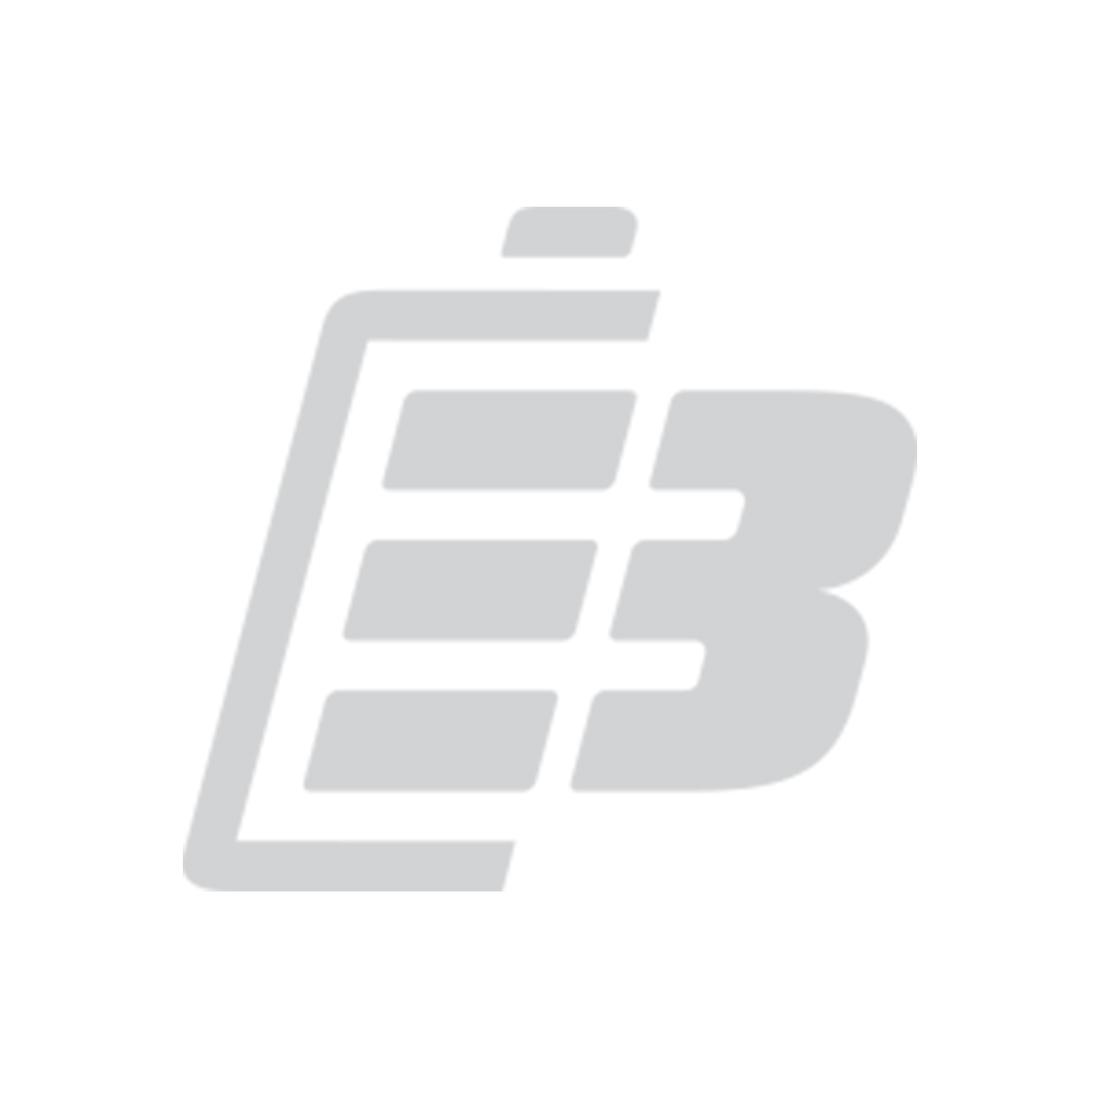 Μπαταρία βιντεοκάμερας Panasonic BN-VG212_1